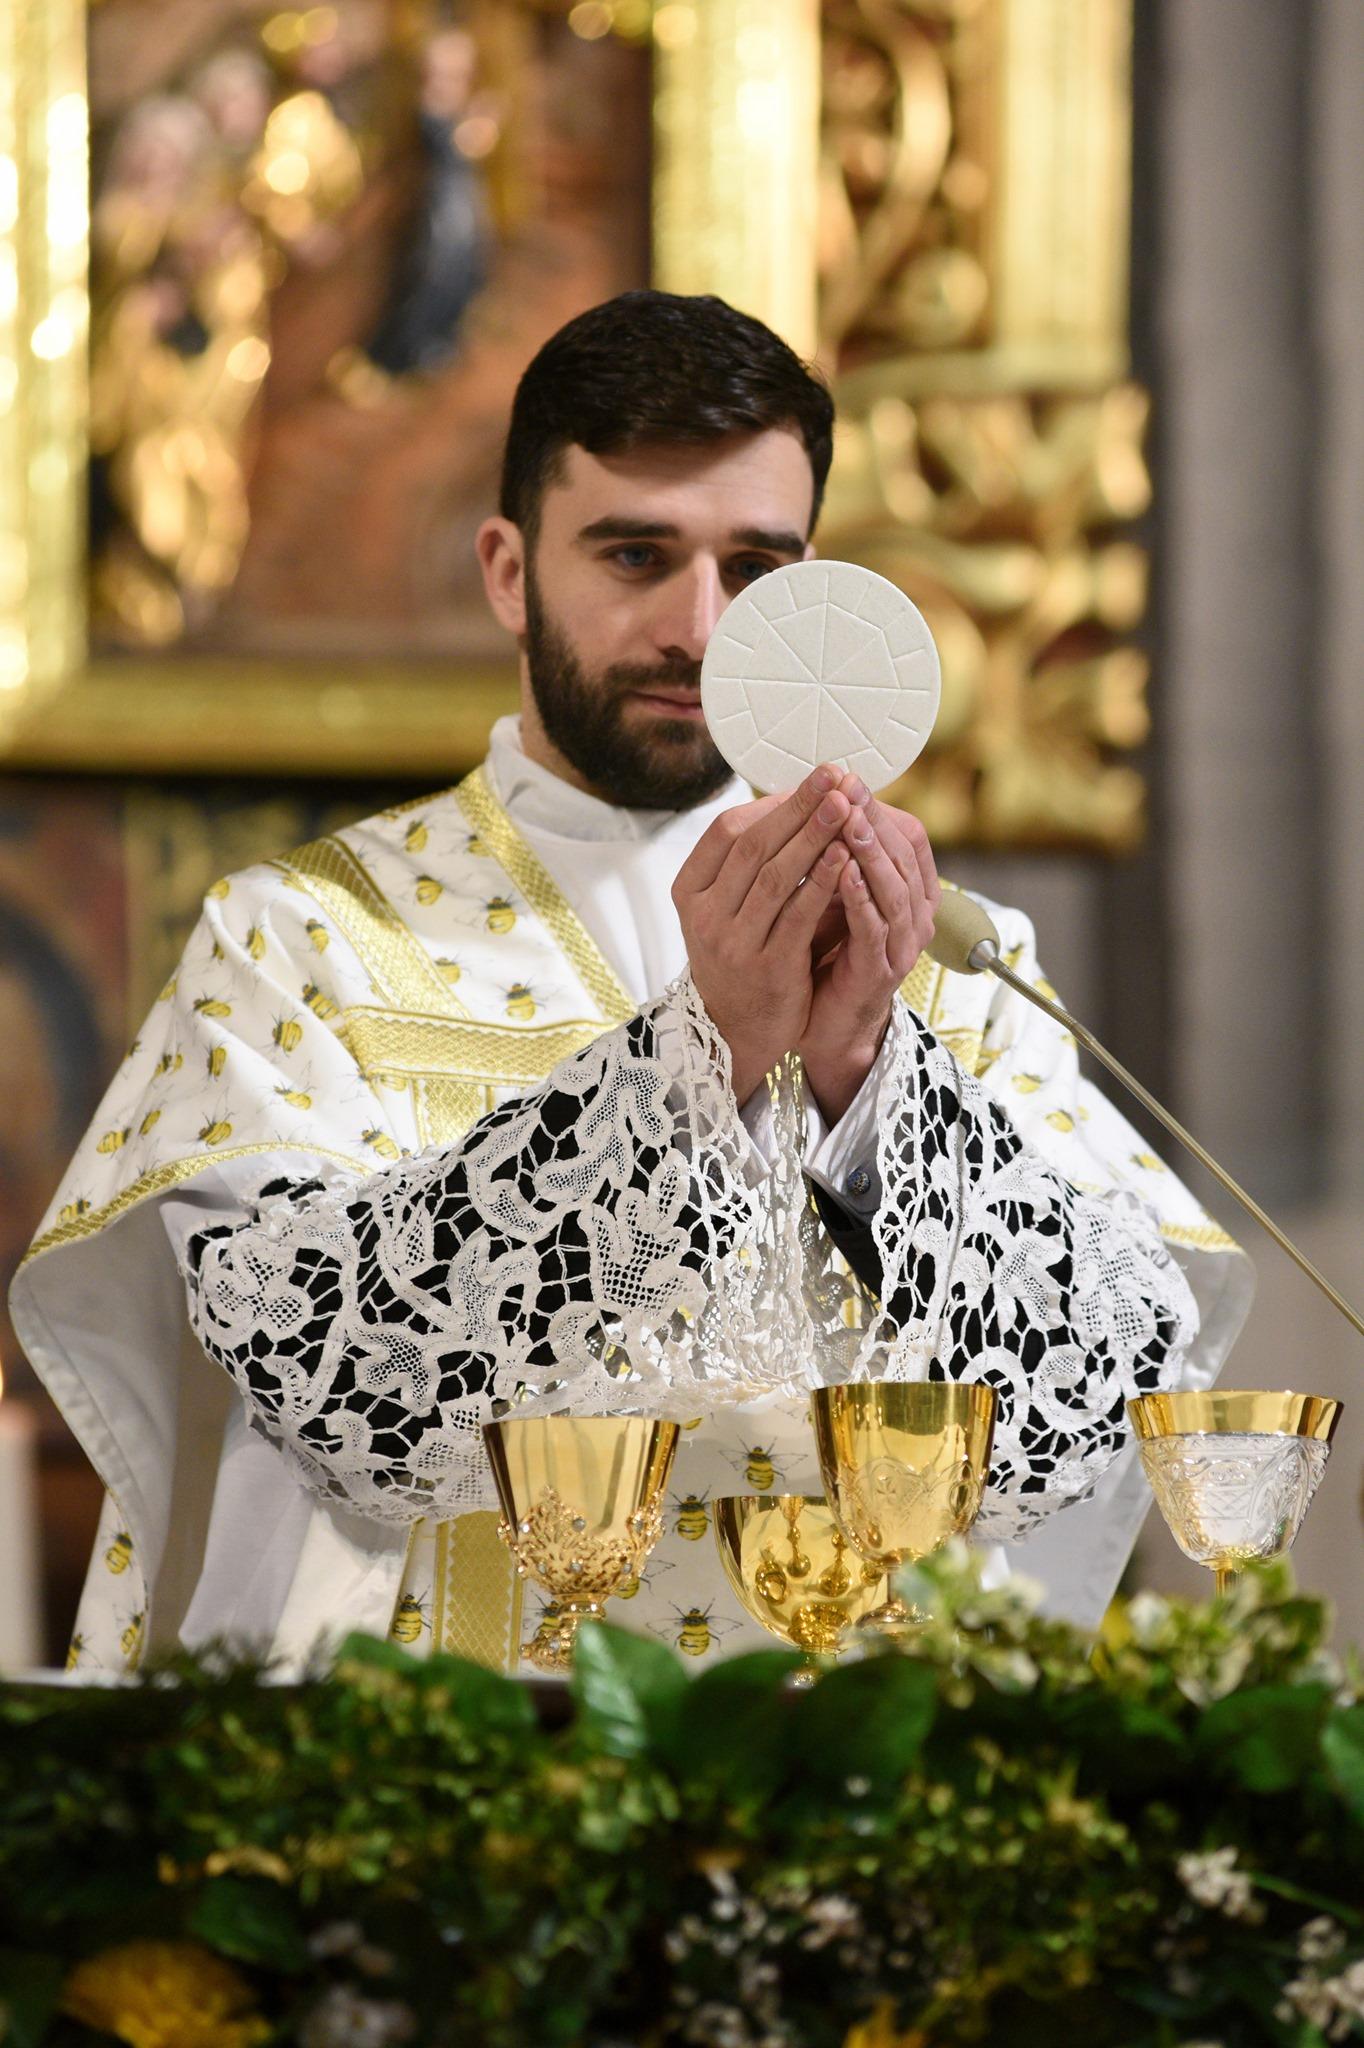 Miniatura per l'articolo intitolato:Accogliamo don Marcin Sternal, nuovo cappellano